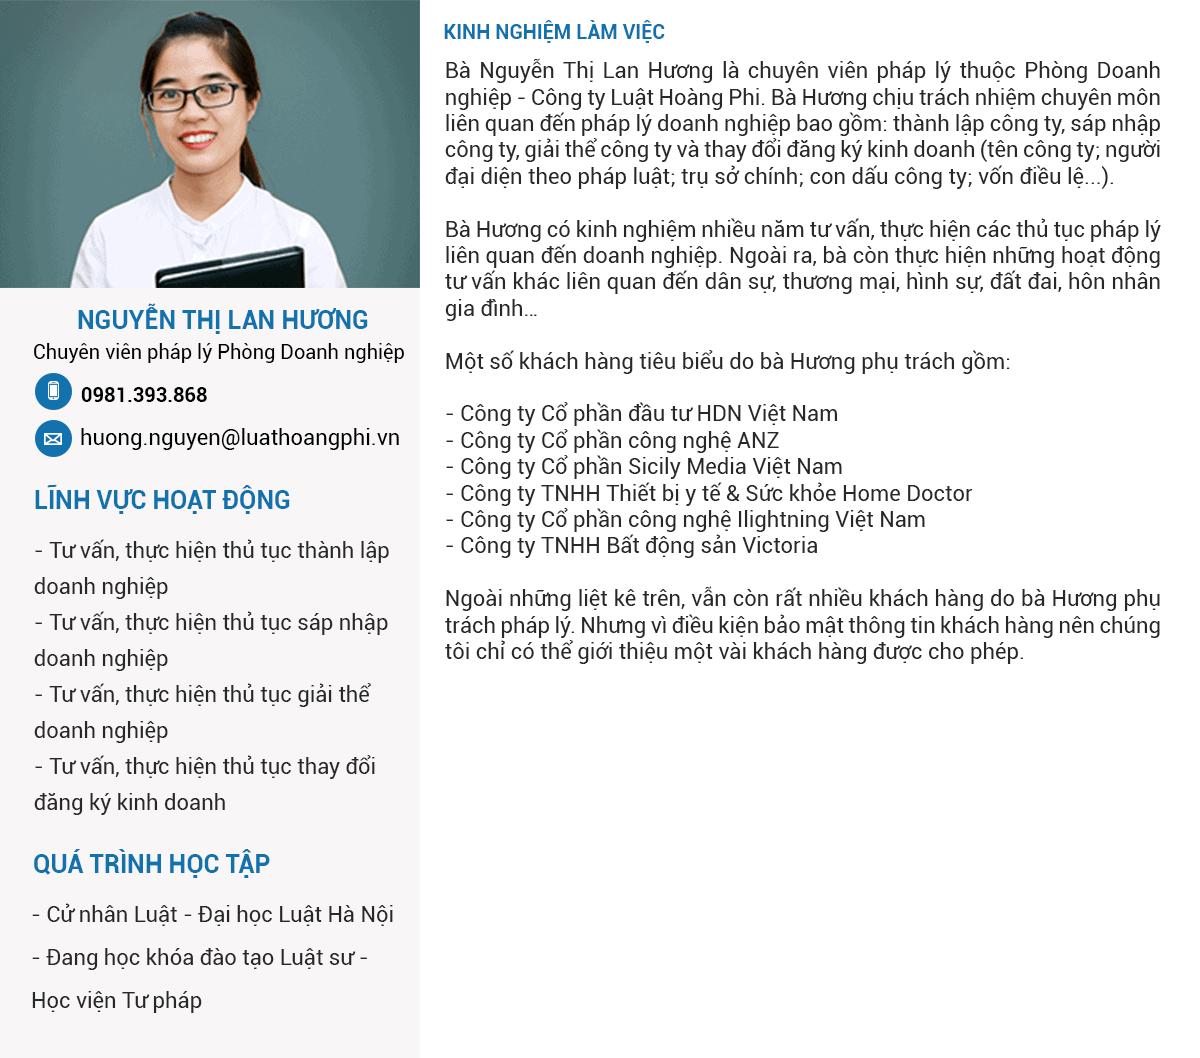 Chuyên Viên Pháp Lý Nguyễn Thị Lan Hương